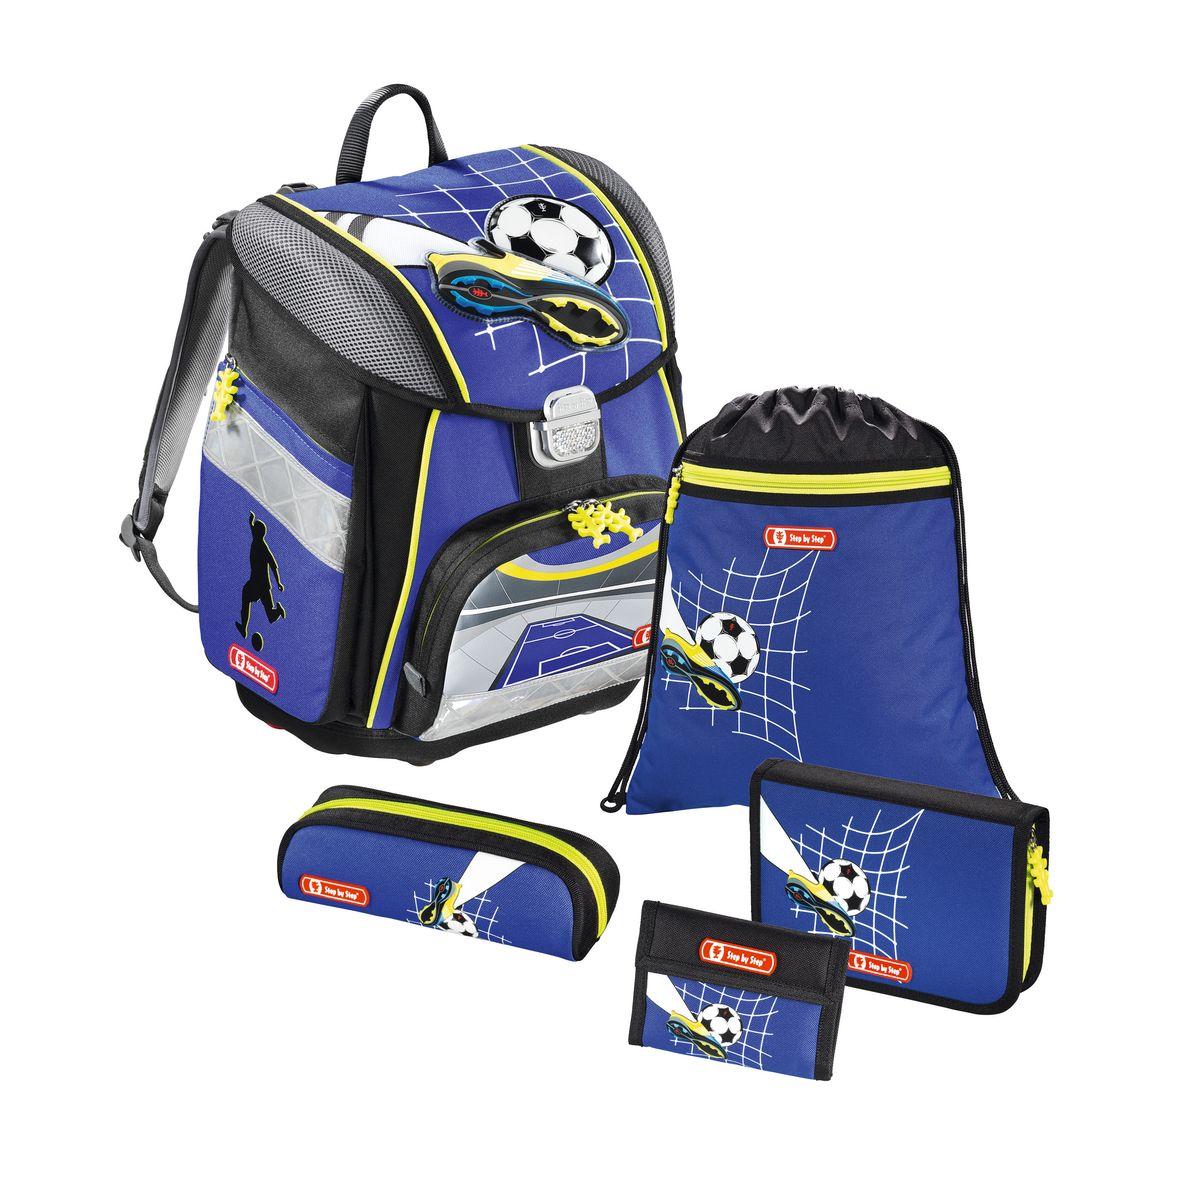 Hama Ранец школьный Step By Step Touch Top Soccer с наполнением129105Ранец Step By Step Touch Top Soccer полиэстер синий/рисунок Наполнение: пенал с наполнением, пенал, кошелек, мешок для сменки